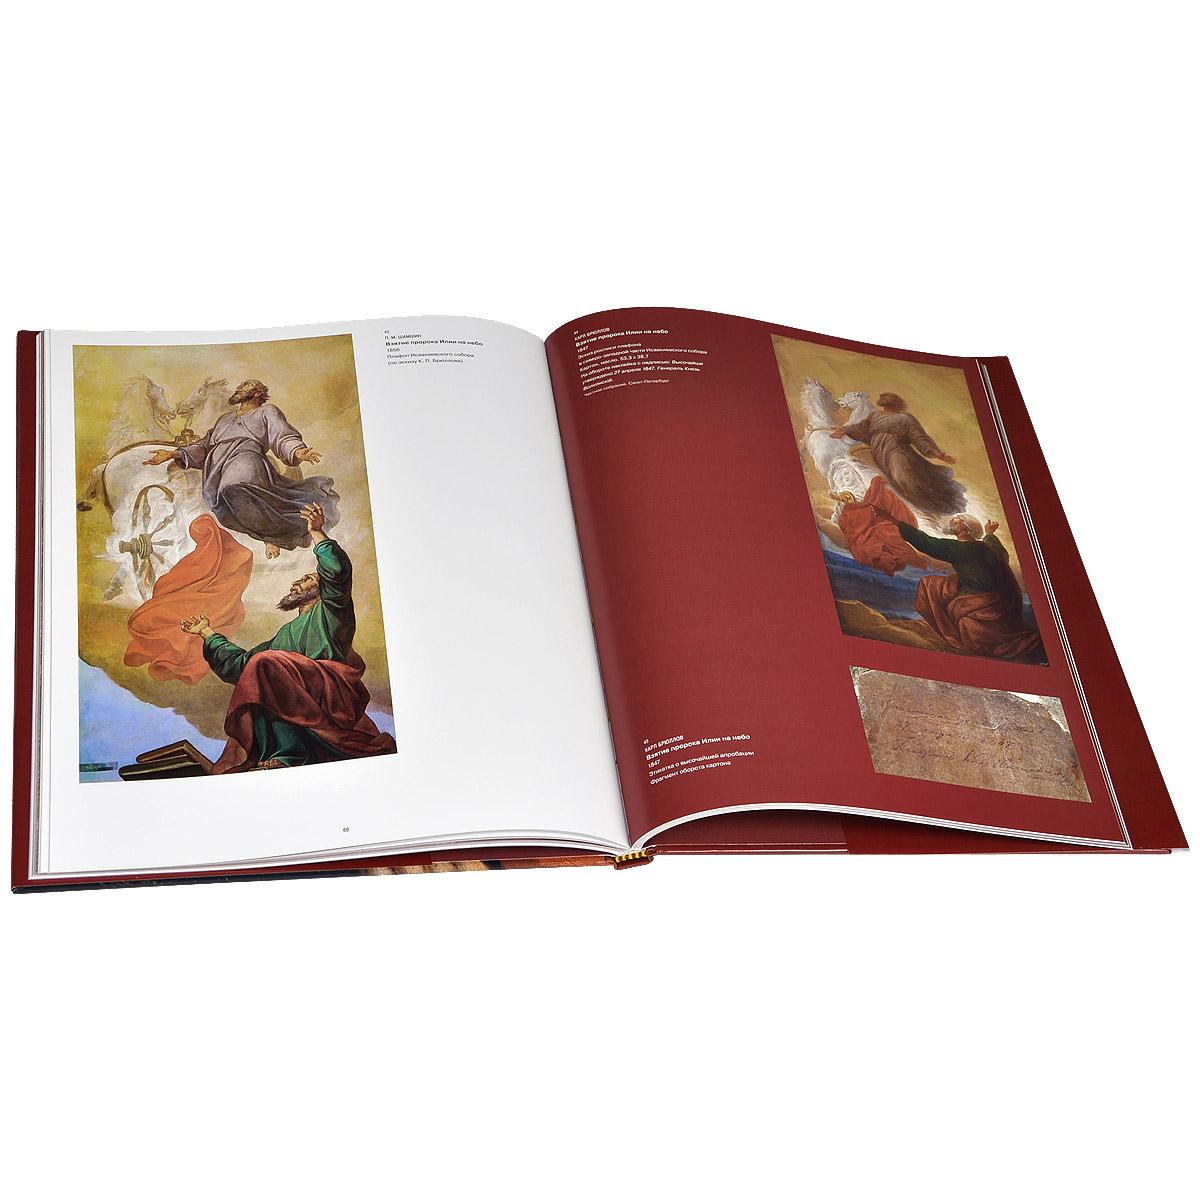 Карл Брюллов. Из частных коллекций Москвы и Санкт-Петербурга, №386, 2013